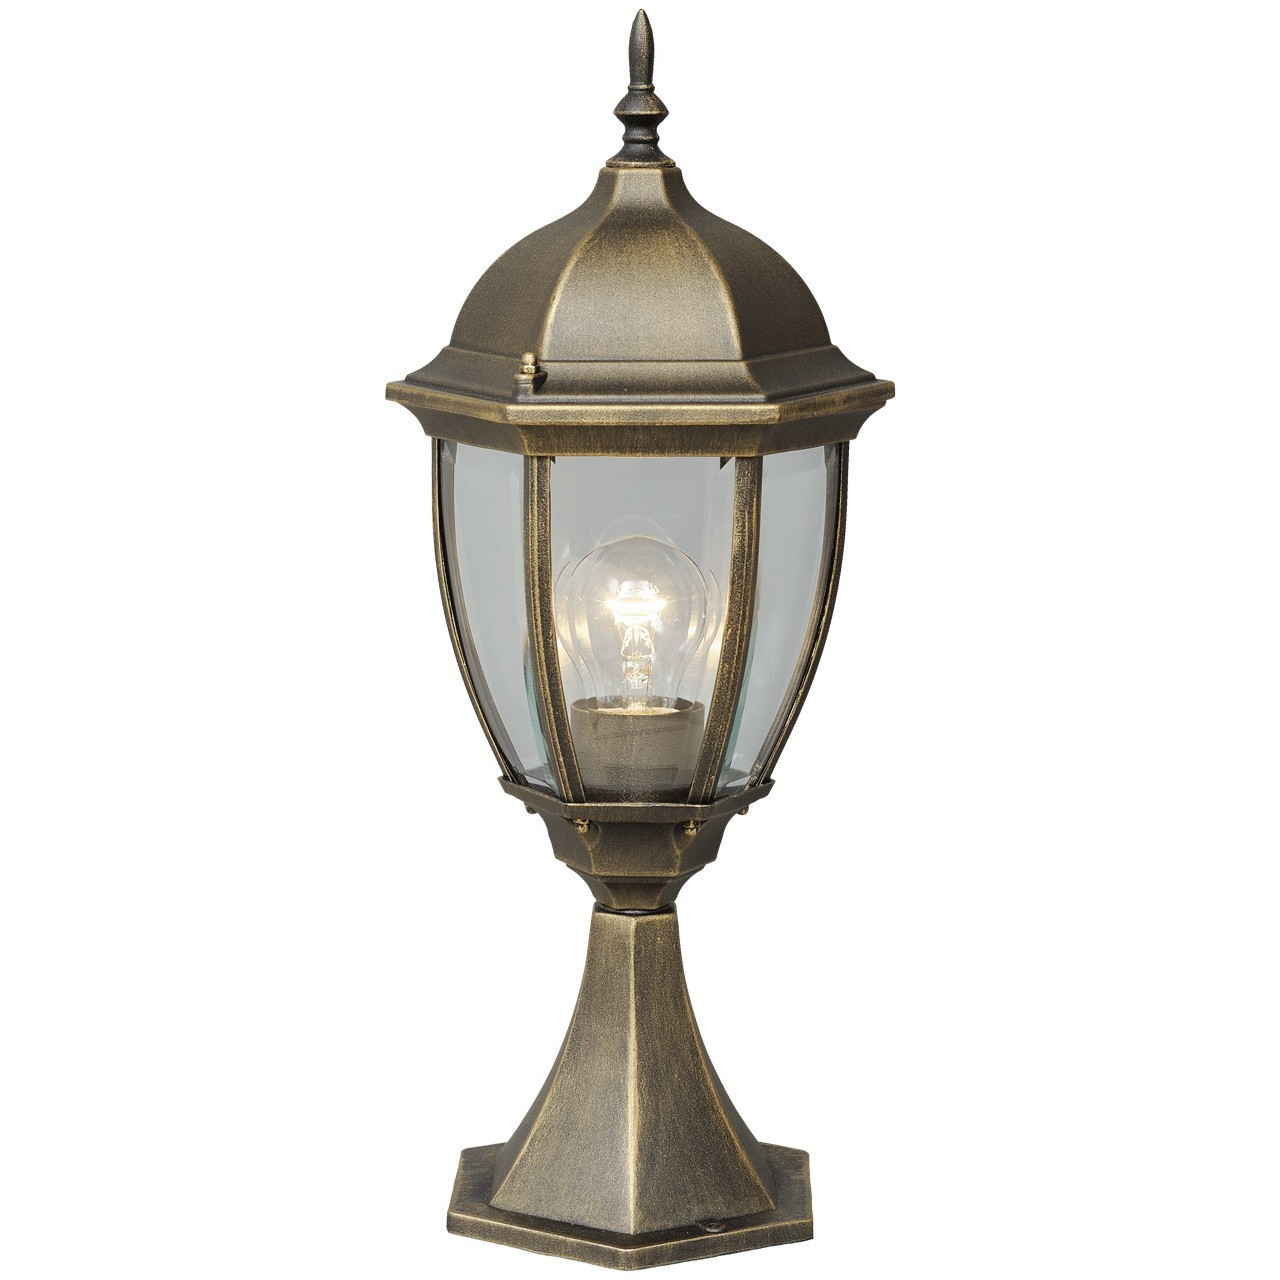 Садово-парковый светильник De Markt Фабур 804040301, IP44, 1xE27x95W, черный с золотой патиной, прозрачный, металл, стекло - фото 1